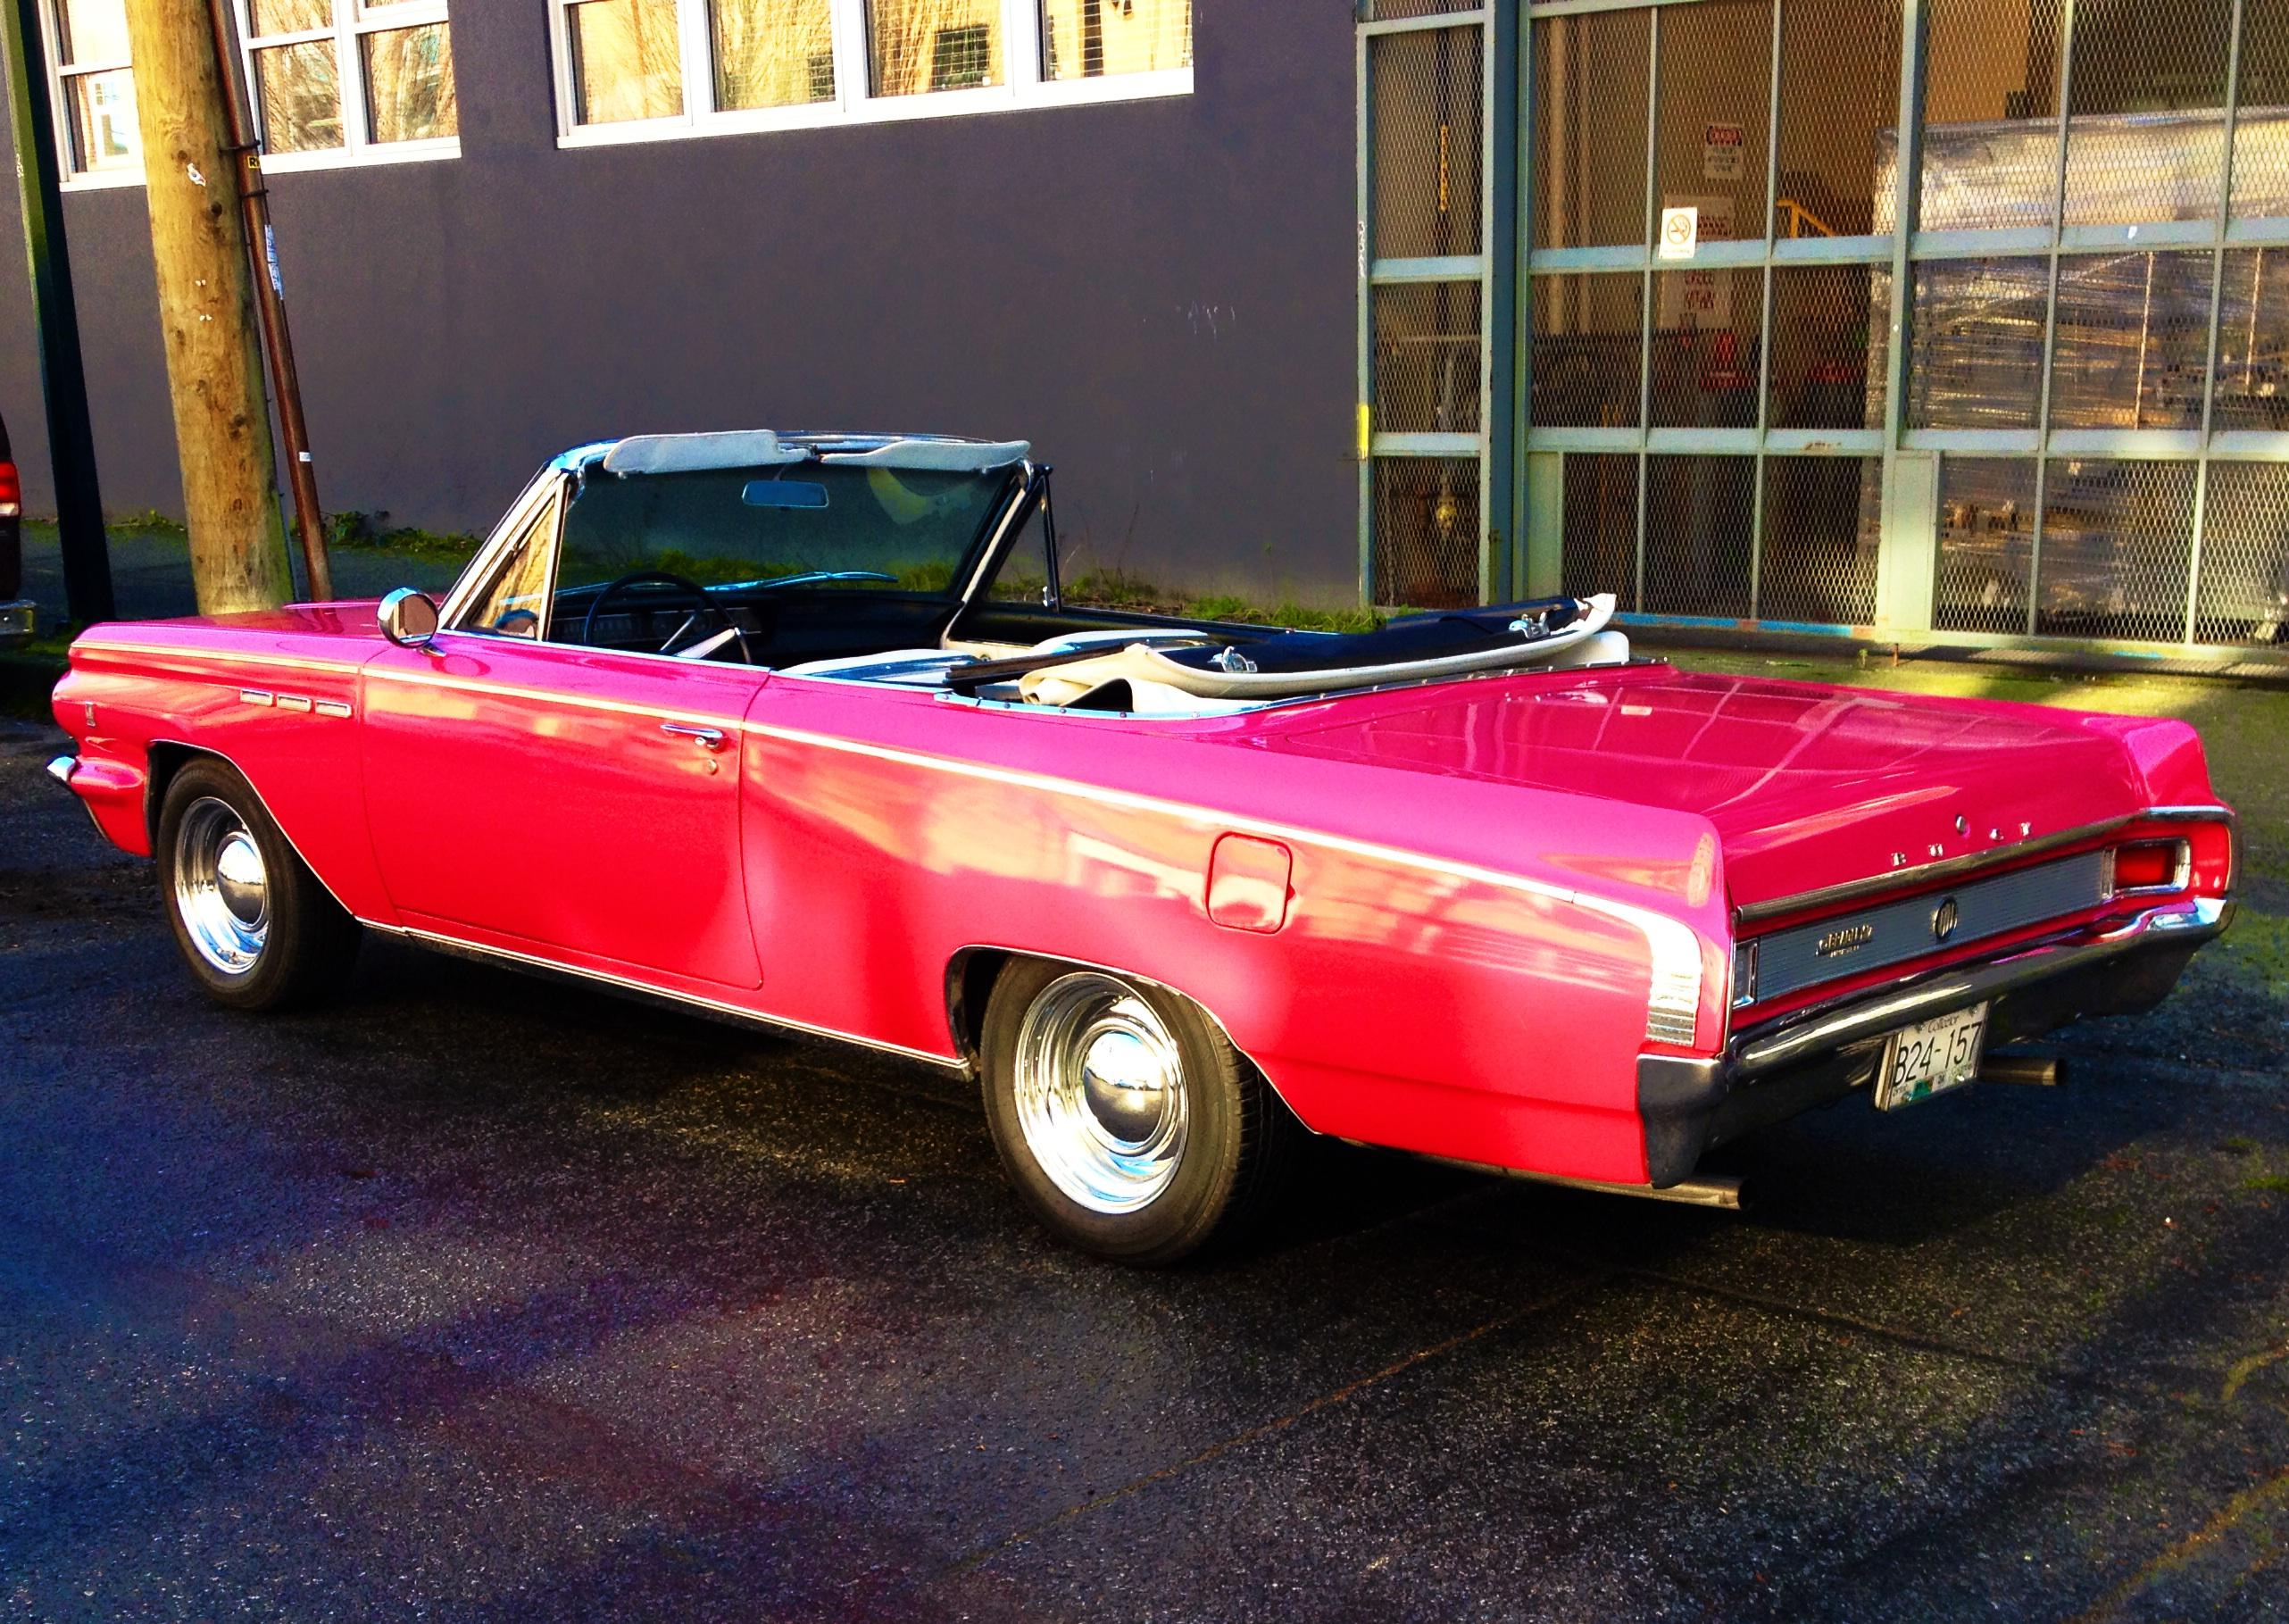 Baggrunde : Buick, lyserød, Vintage bil, klassisk bil, Cabriolet, Vancouver, 1960'erne, Sedan ...